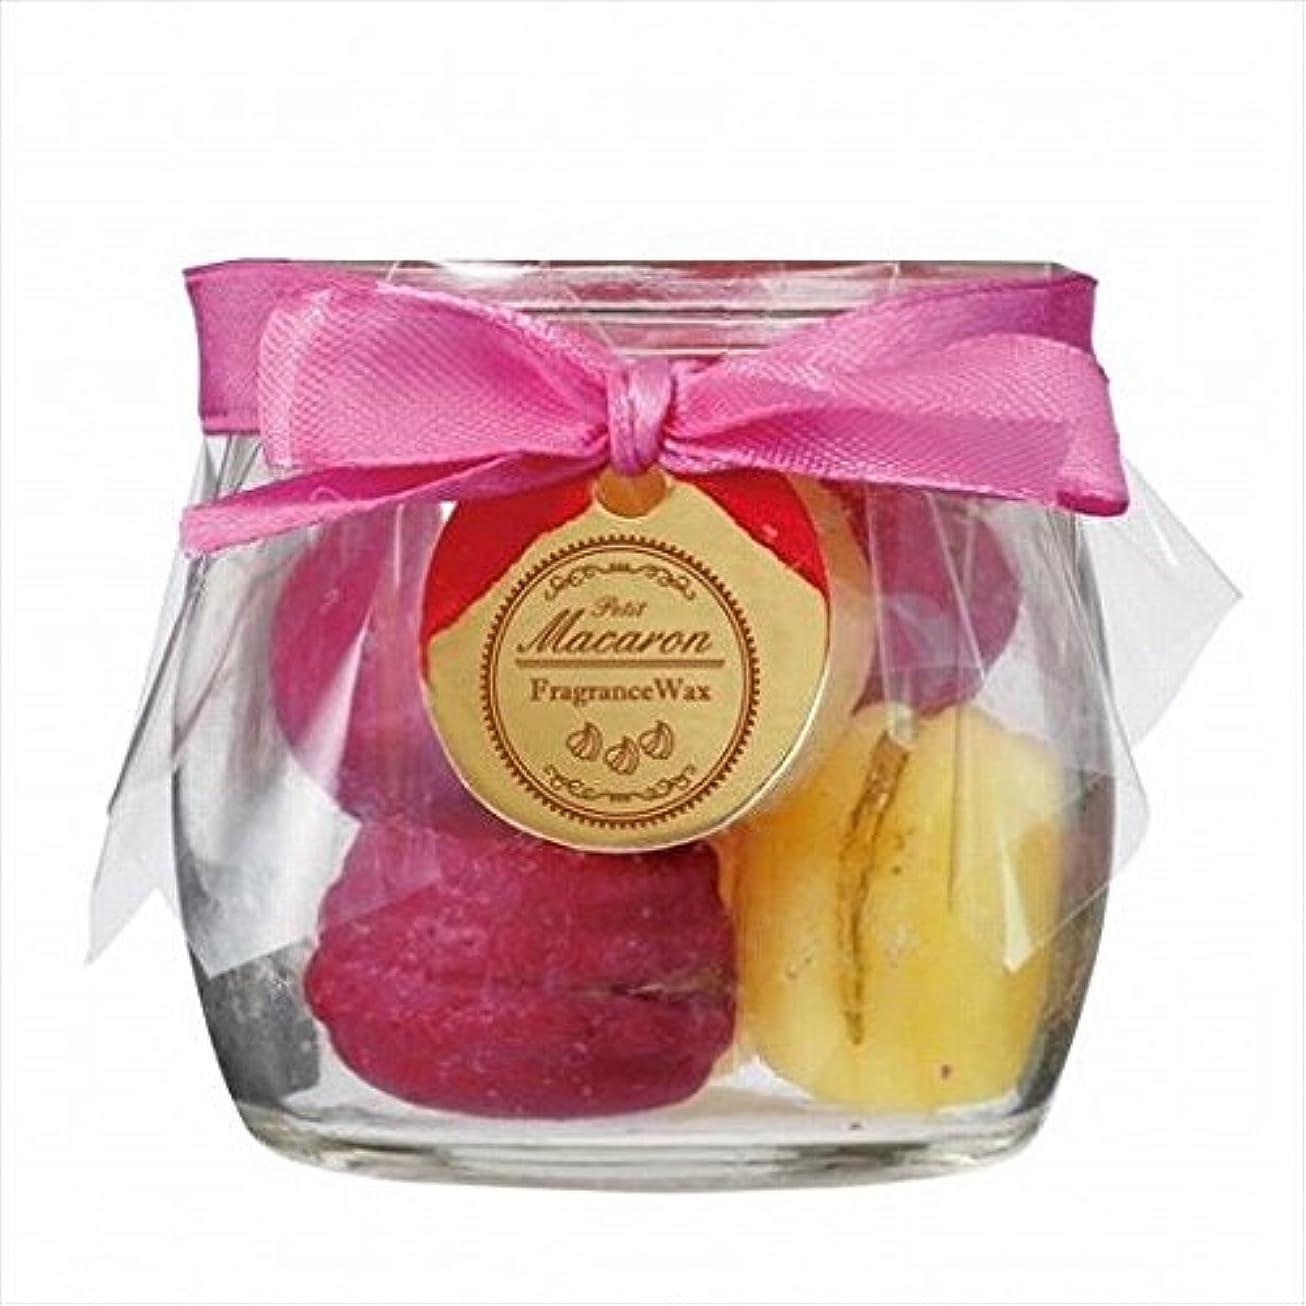 対方言対sweets candle(スイーツキャンドル) プチマカロンフレグランス 「 ベリー 」 キャンドル 60x60x56mm (A3160510)